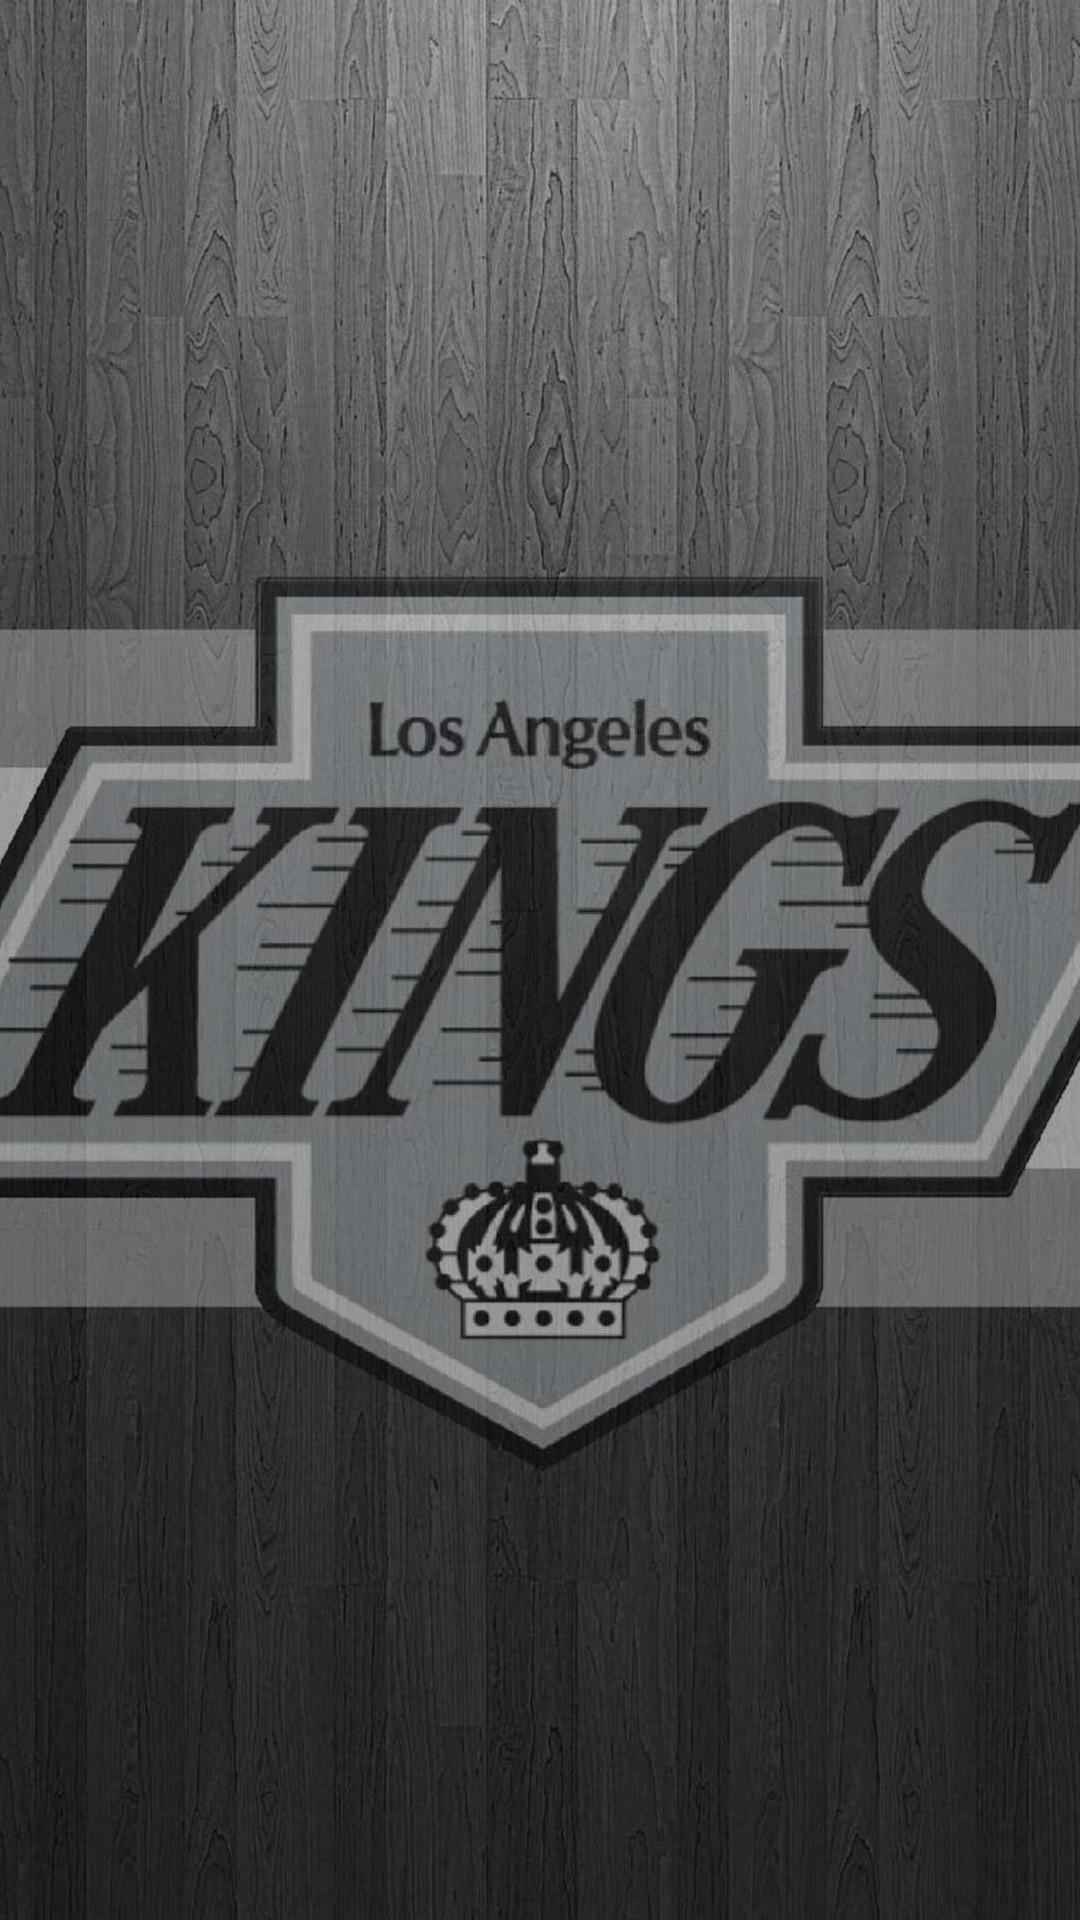 La kings hd wallpaper enam wallpaper los angeles kings wallpaper 2013 source la kings logo wallpaper 72 images voltagebd Gallery